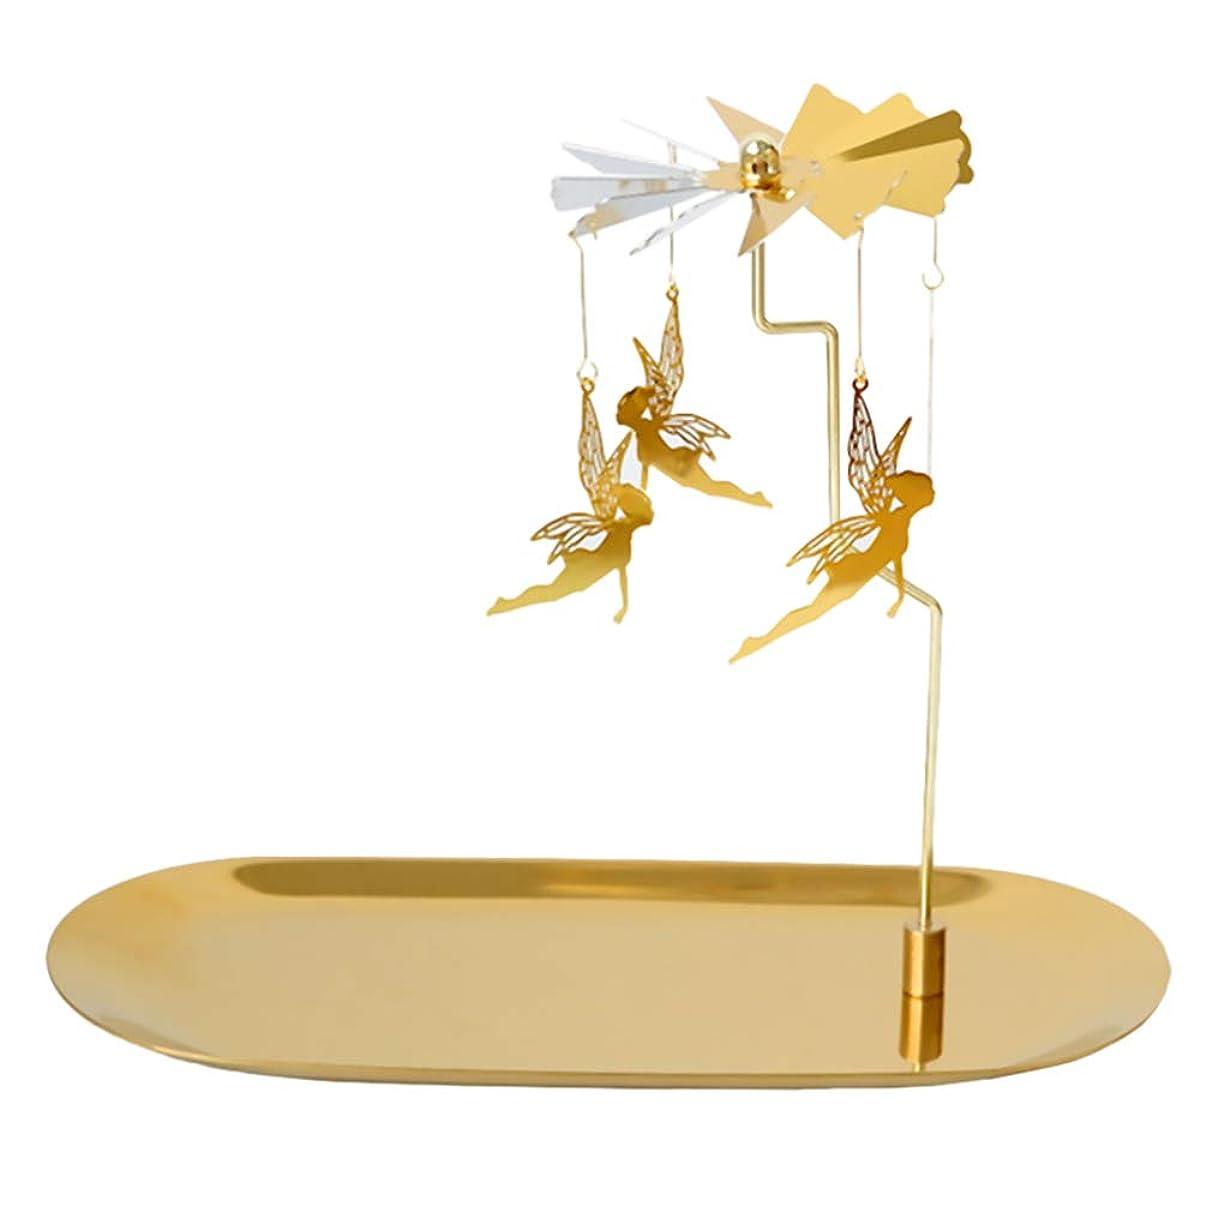 こしょうくちばしインレイPIXNOR 1セットティーライトキャンドルホルダートレイジュエリーオーガナイザーバニティジュエリートレイ香水トレイドレッサートレイ装飾トレイクリスマス卓上装飾